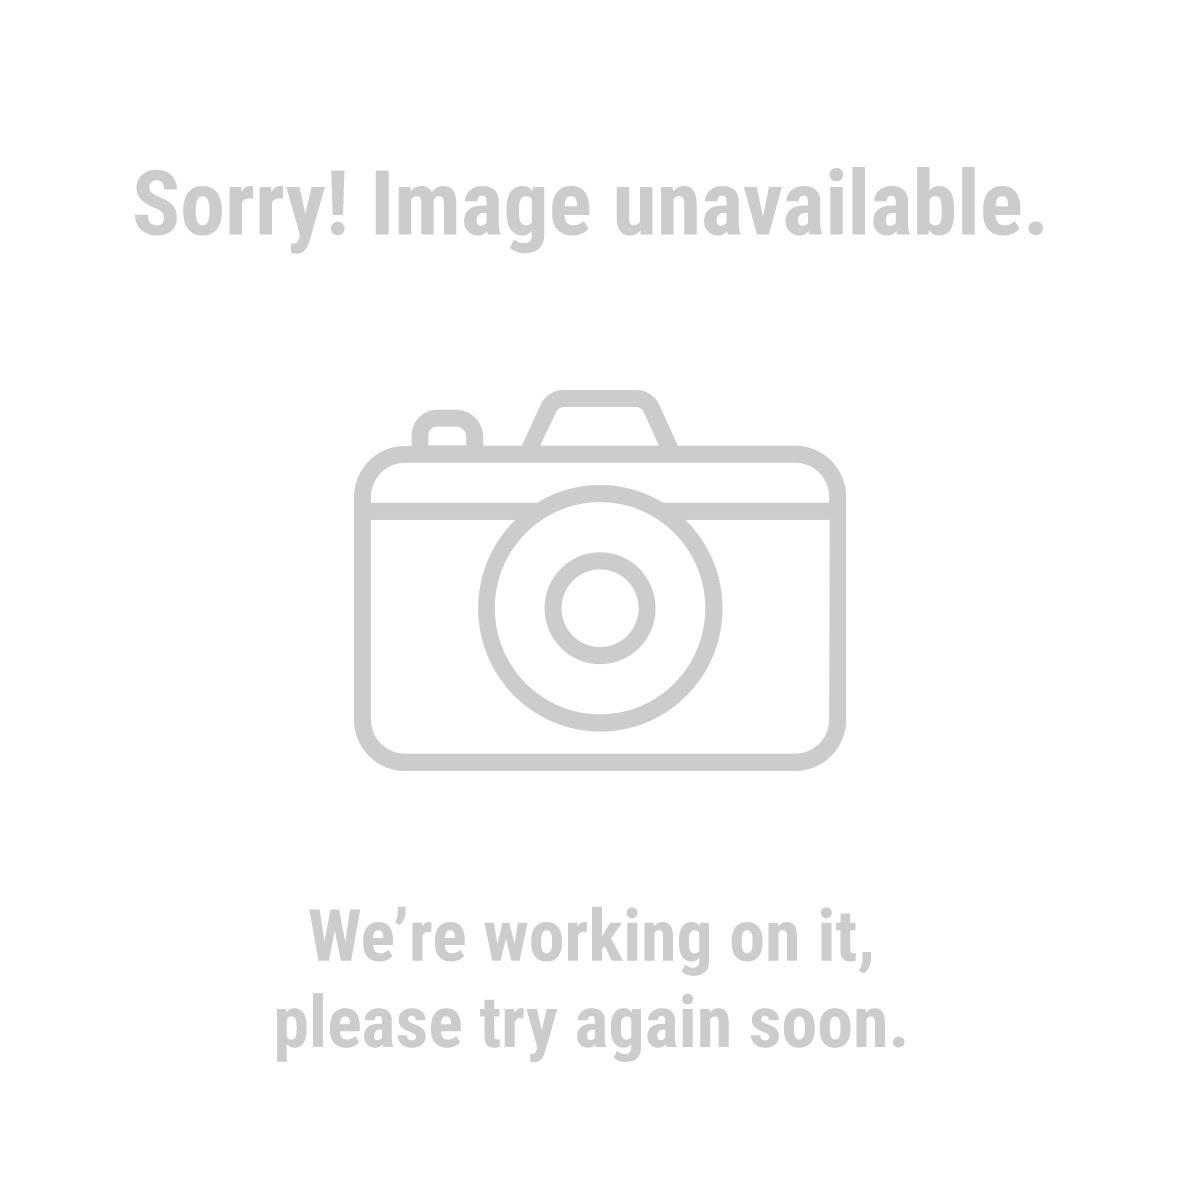 Central Pneumatic 95275 Pancake Air Compressor, Oilless 1/3 Horsepower, 3 Gallon, 100 PSI